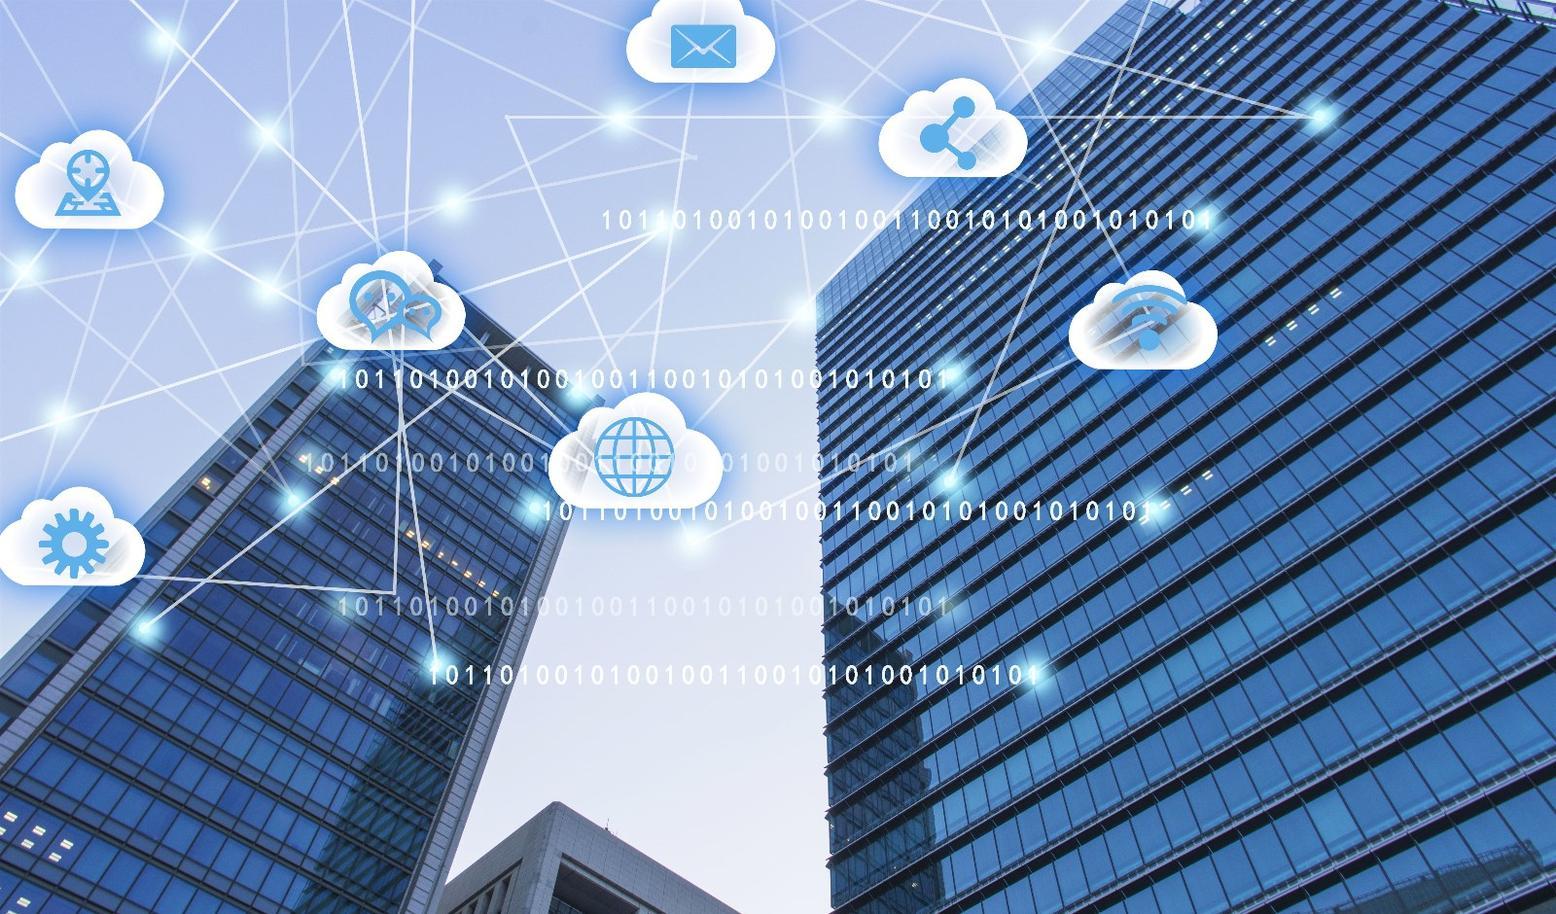 赋能酒店行业数字化转型,蚂蚁 钉钉联手构建新型直销平台